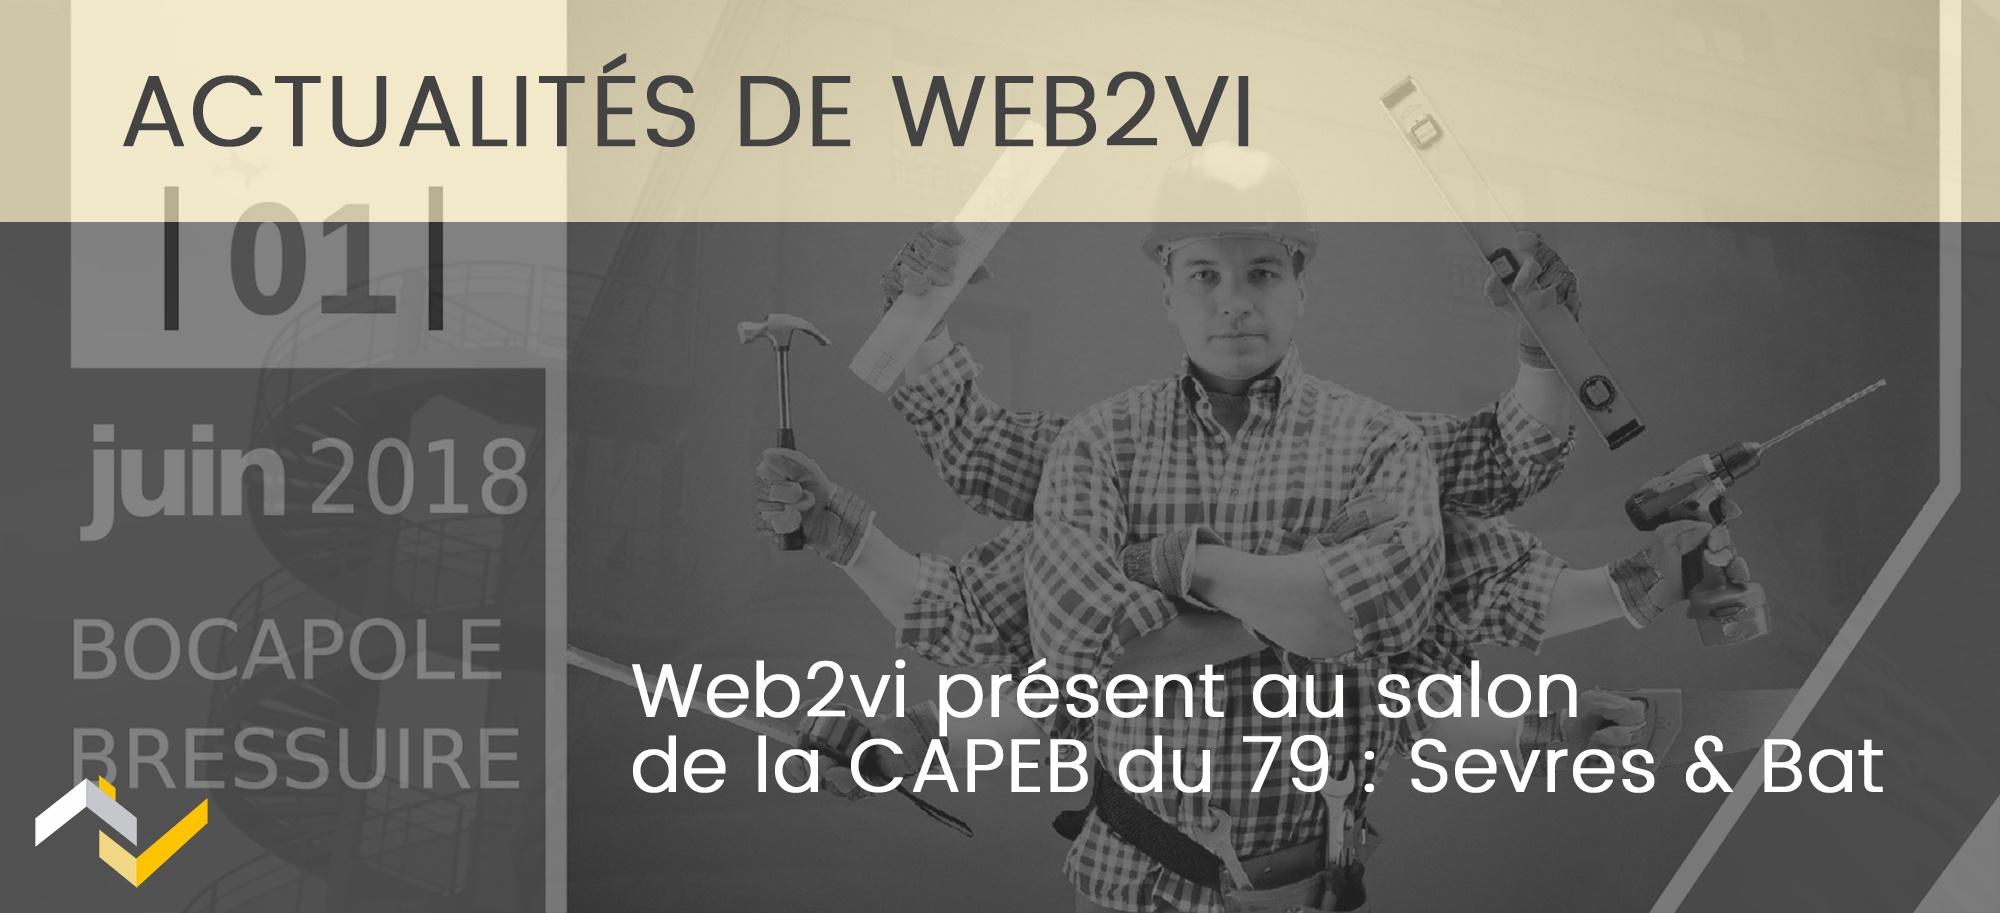 Web2vi présent au salon Sevres & Bat